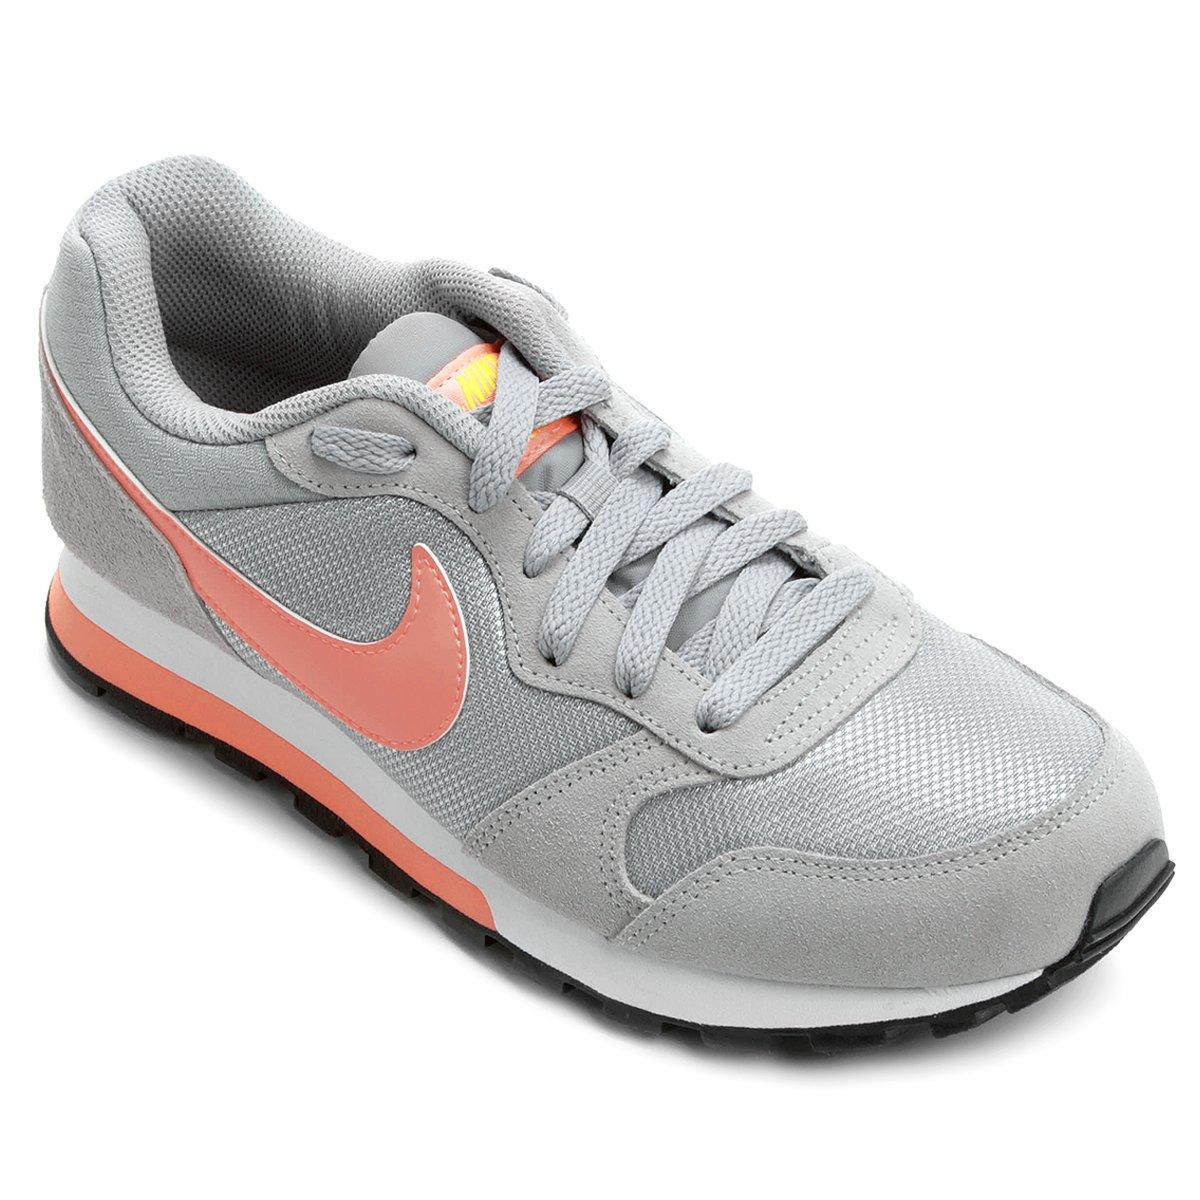 Tênis Nike Md Runner 2 Feminino - Cinza e Salmão - Compre Agora ... d331103001463